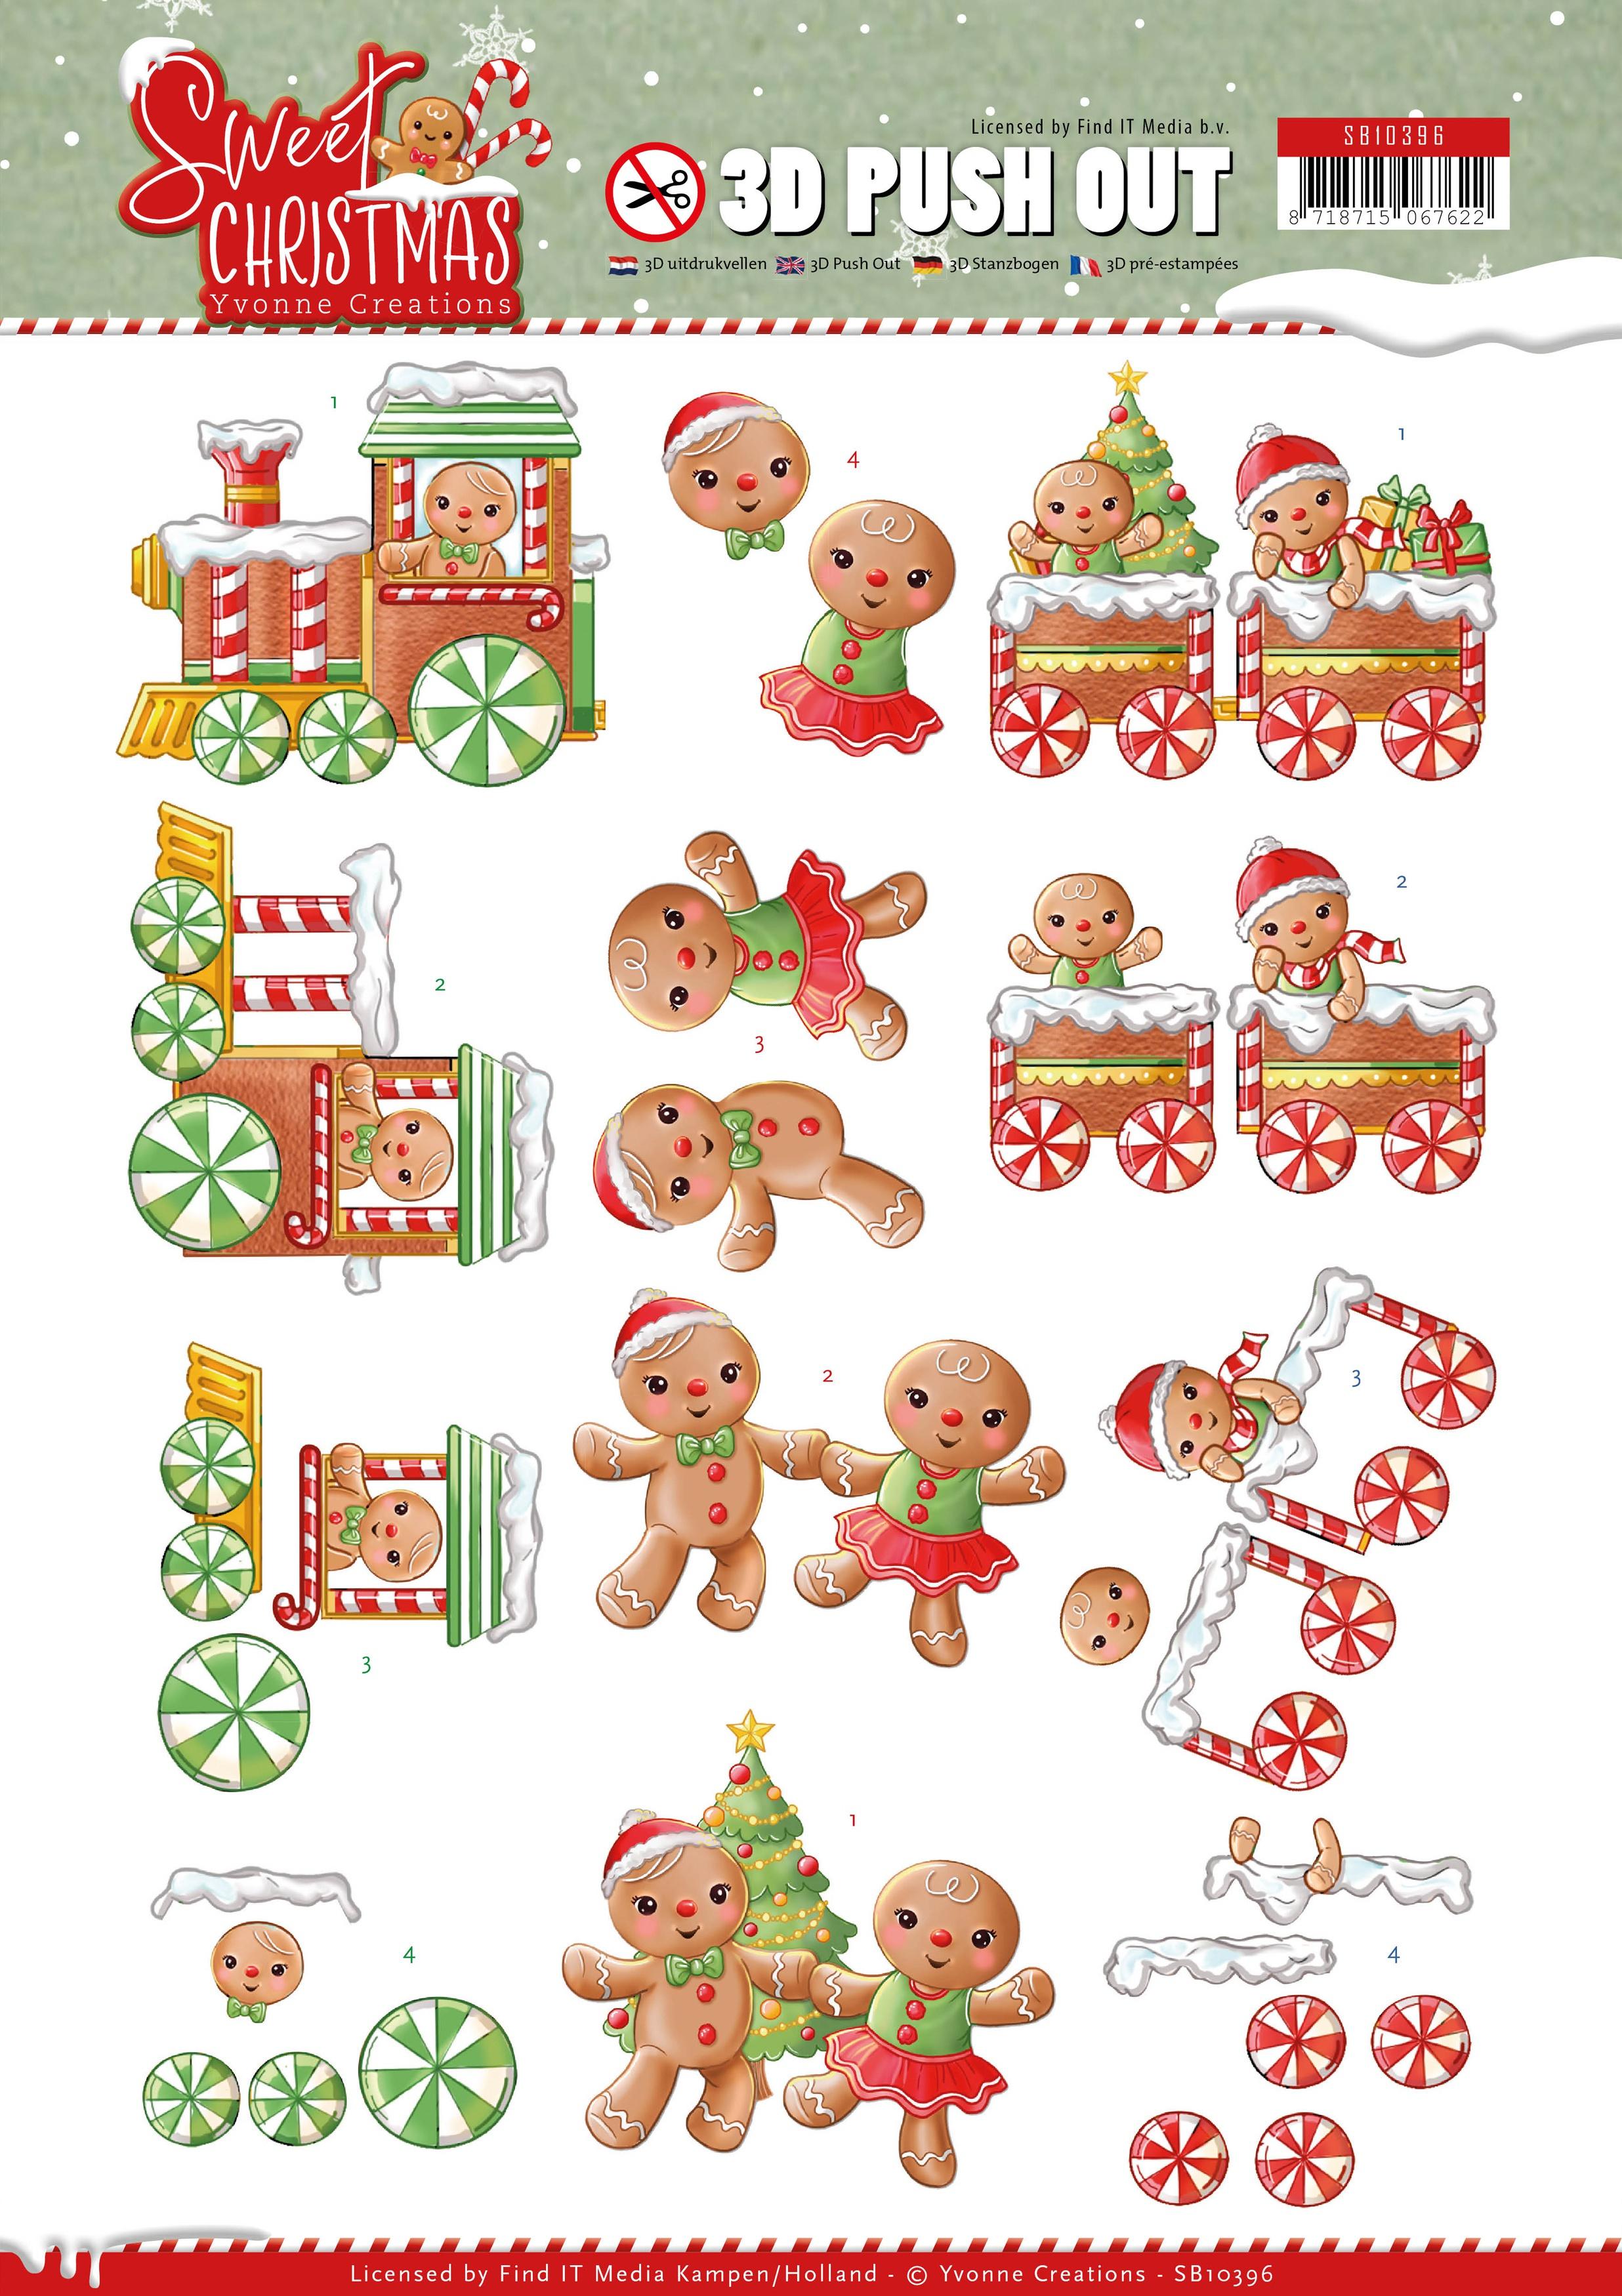 3D-Stanzbogen Sweet Christmas Yvonne Creations Cookies